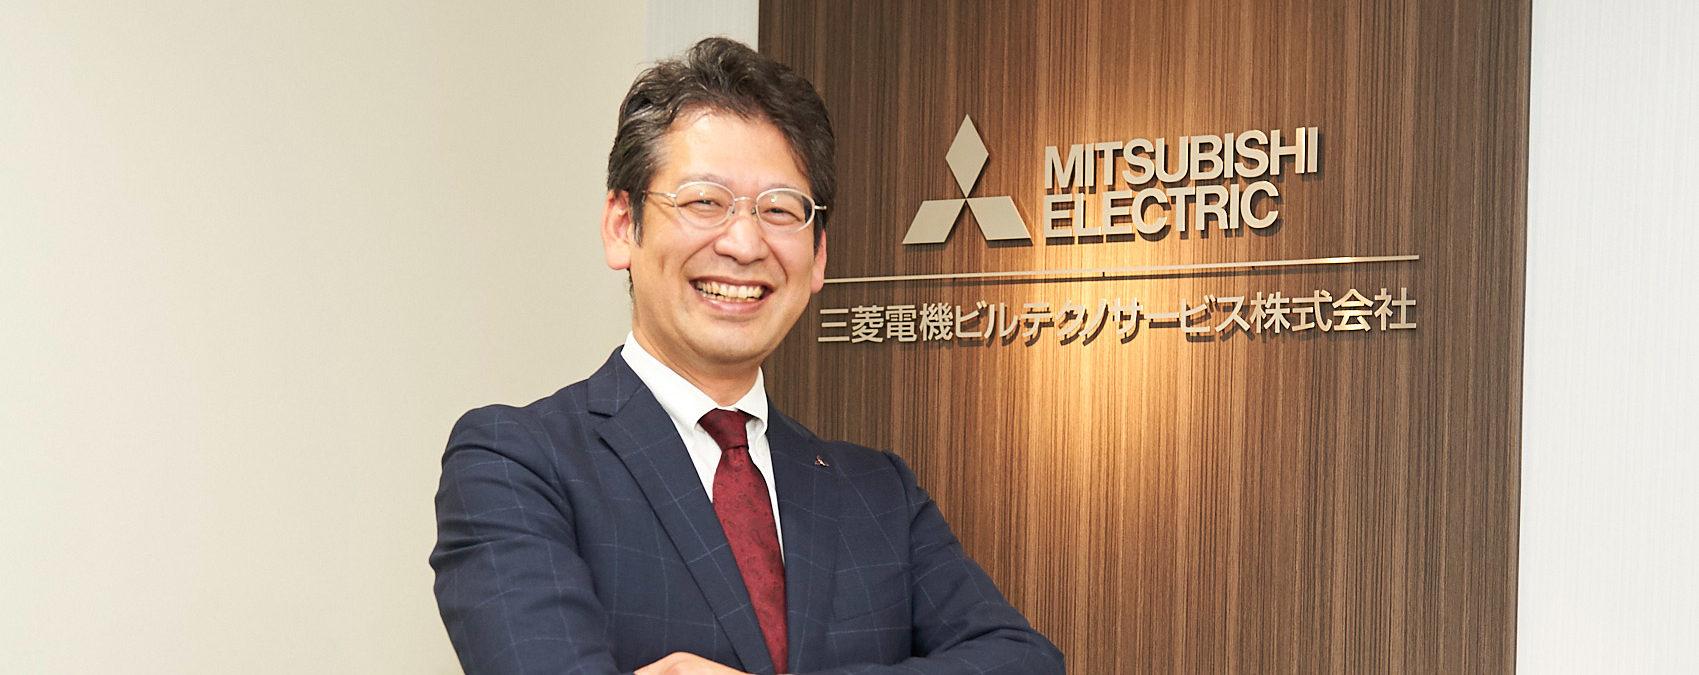 三菱電機ビルテクノサービス株式会社  入社後、本当に自分が活躍できる会社なのか? そこまで深く考えて、就活をしてほしい。